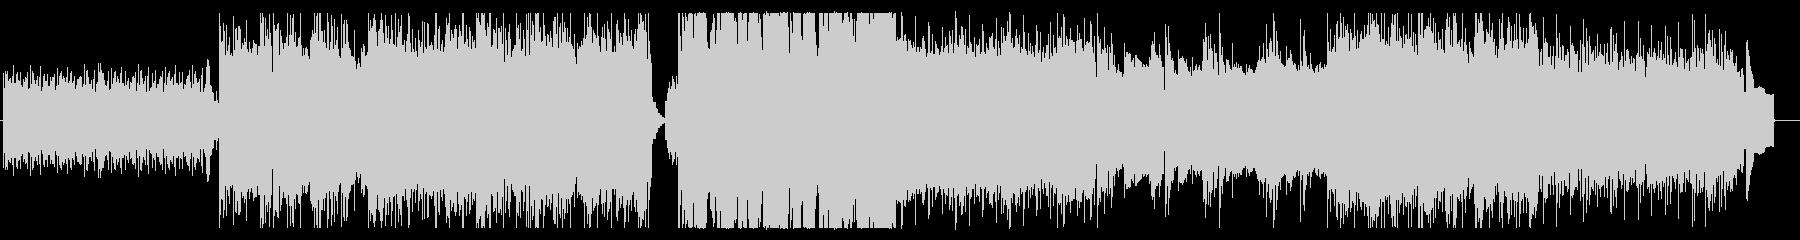 桜雨:二胡/琴/ピアノ/シンセの和風曲の未再生の波形